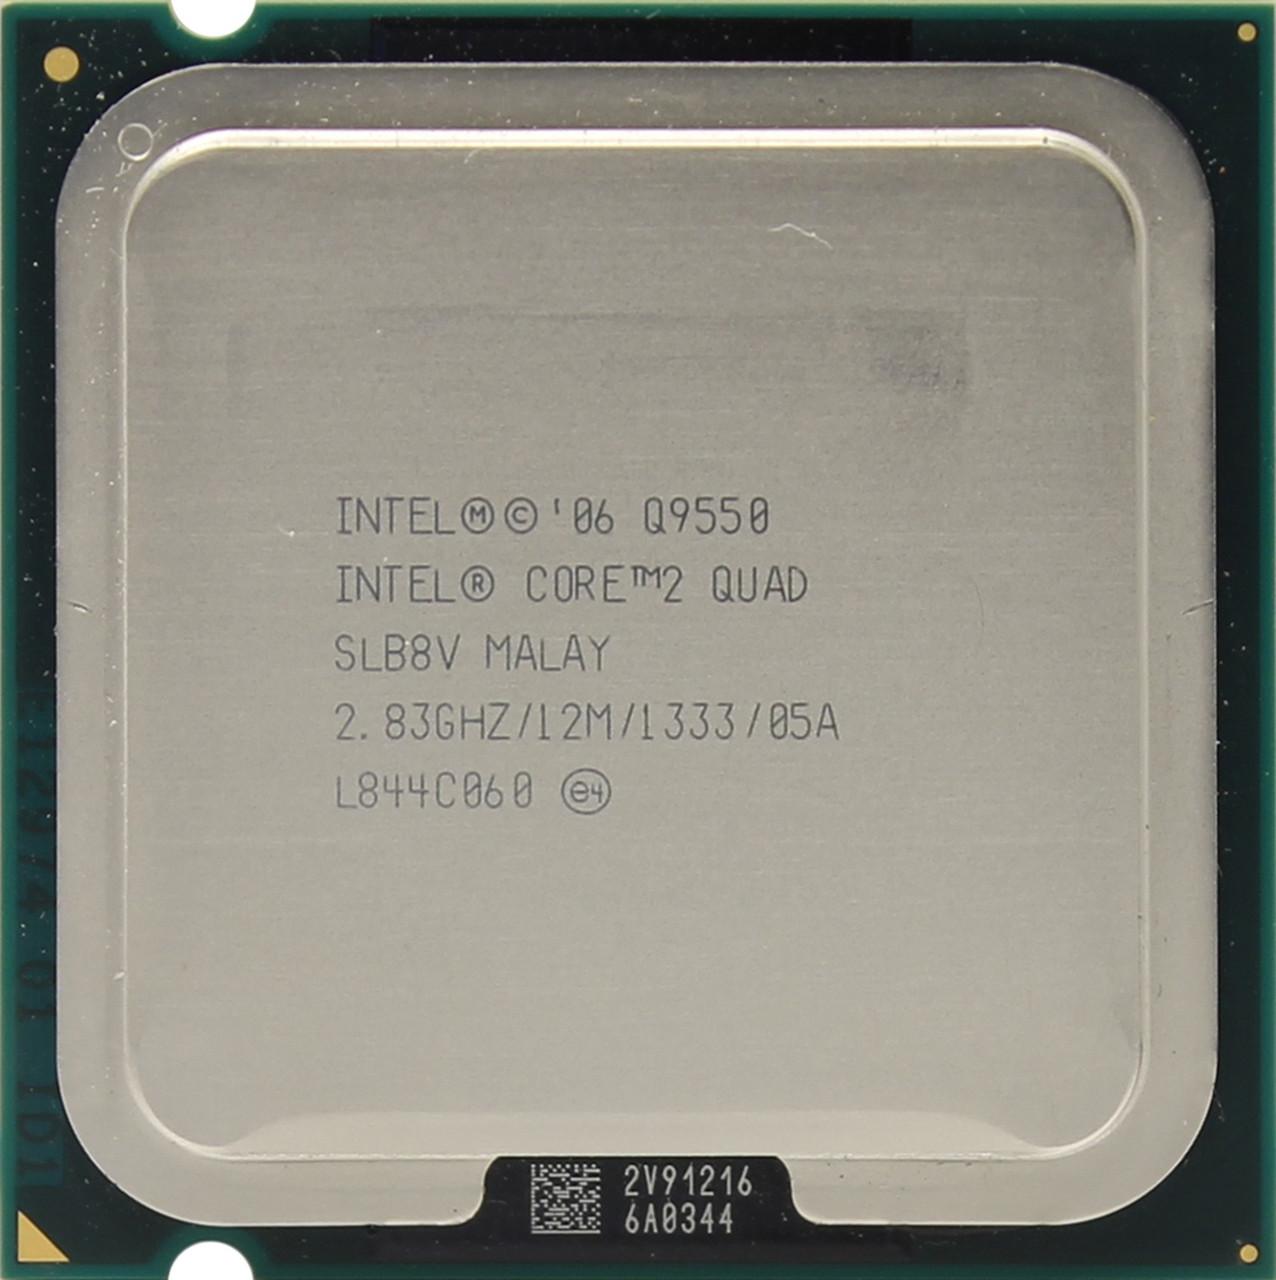 Процессор Intel Quad Q9550 4/4 2.83GHz 12MB LGA 775 tray